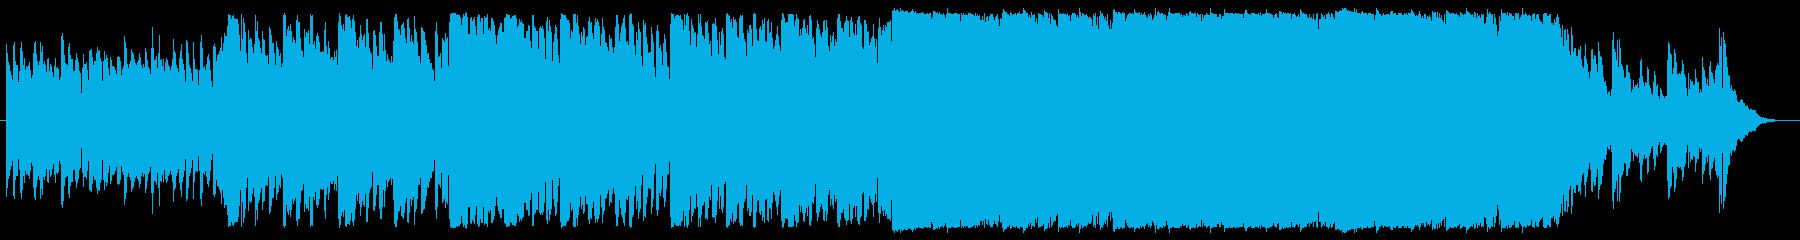 山の上を飛ぶ鳥を連想させる曲の再生済みの波形